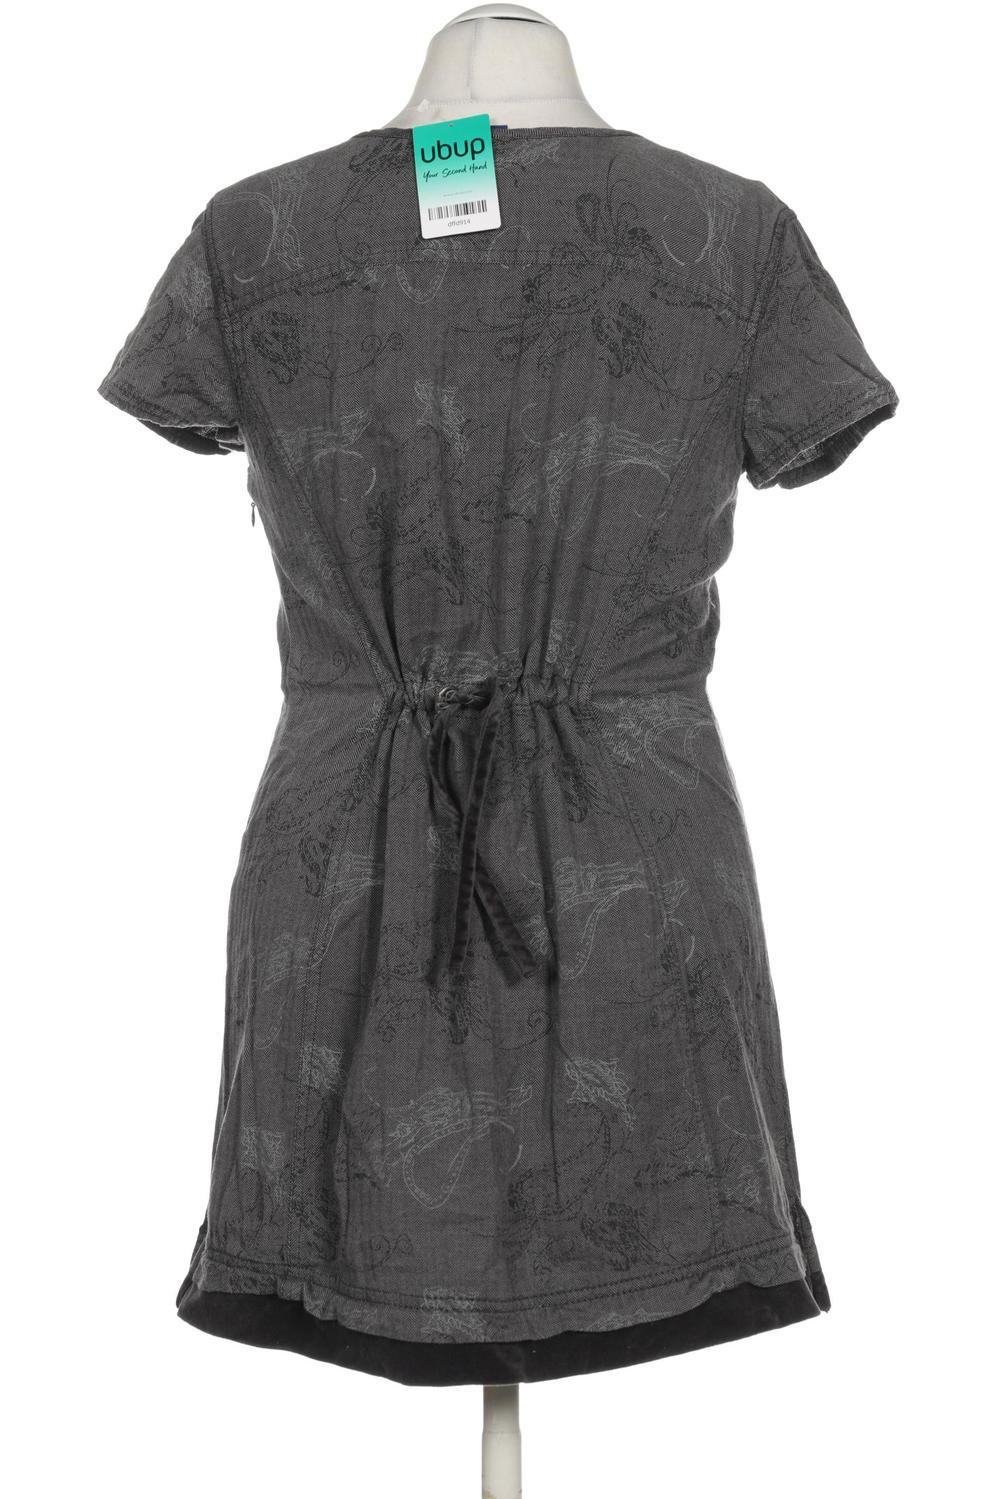 CECIL Damen Kleid INT M Second Hand kaufen | ubup